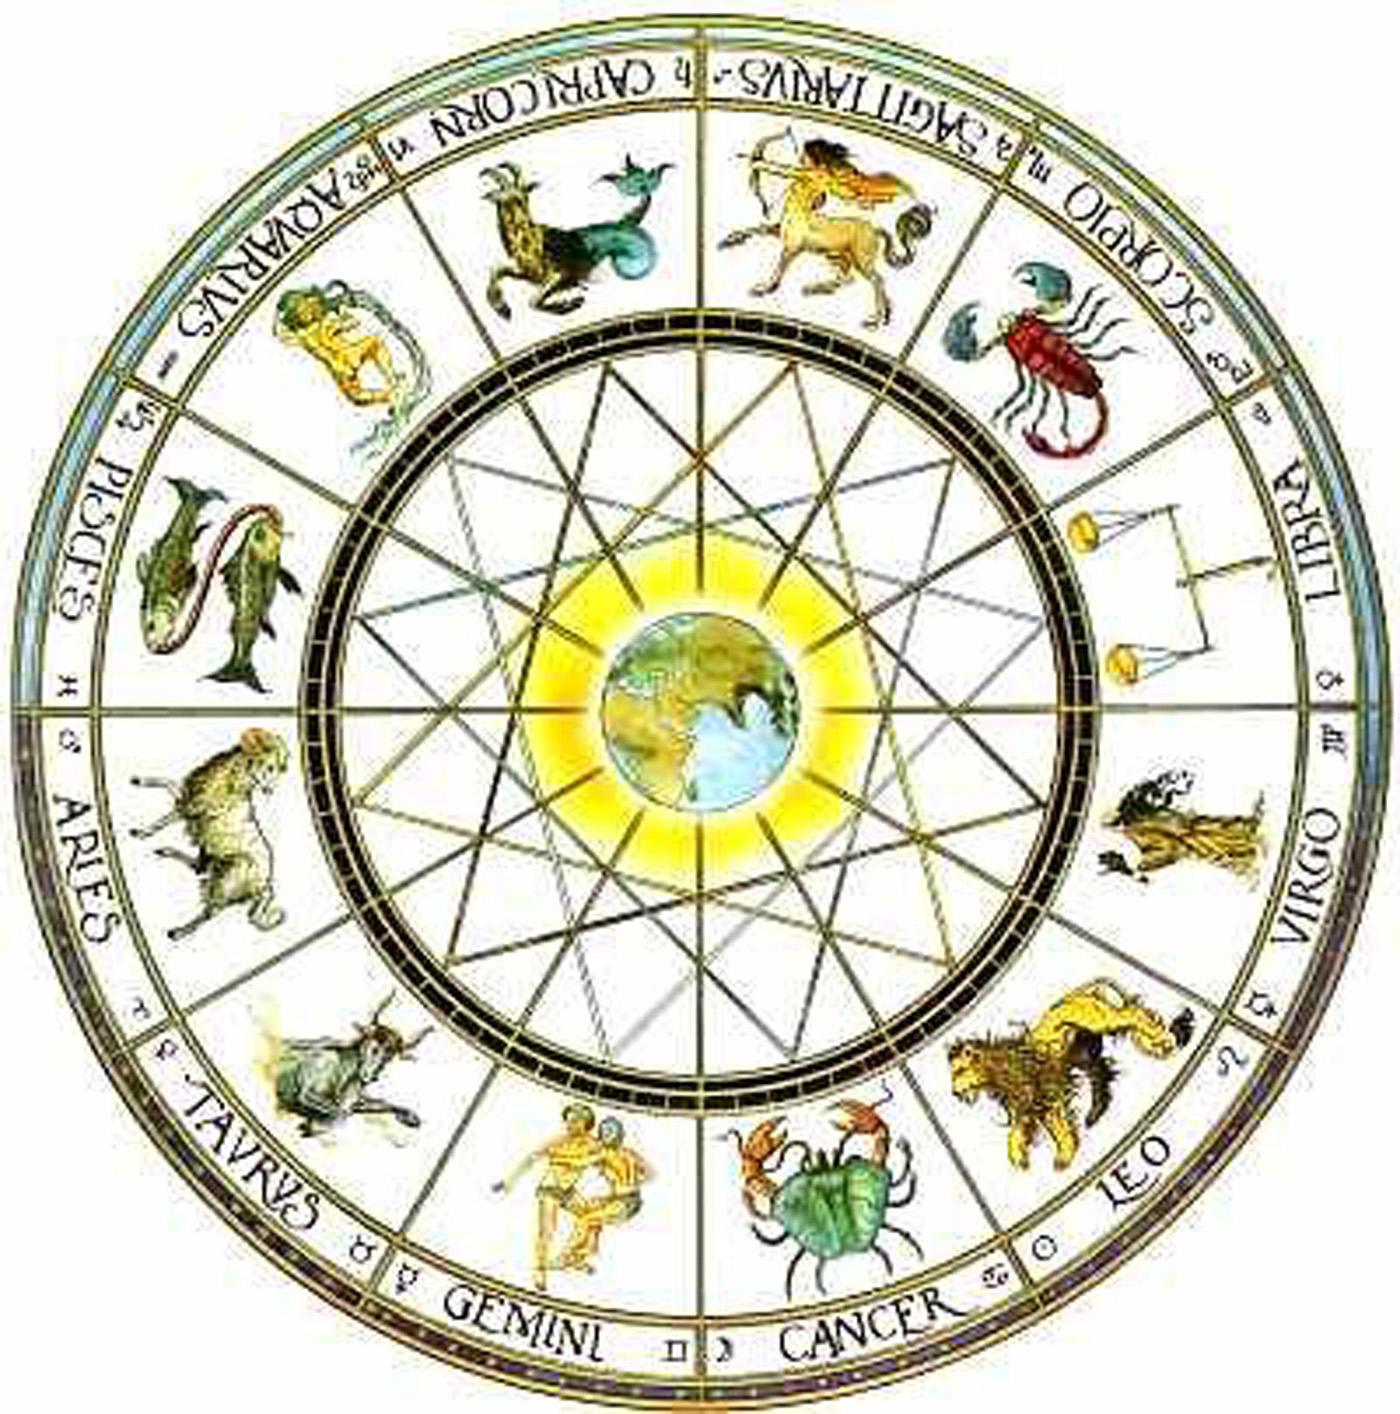 zodiacl_publicdomain-itunes_300_public_domain.jpg